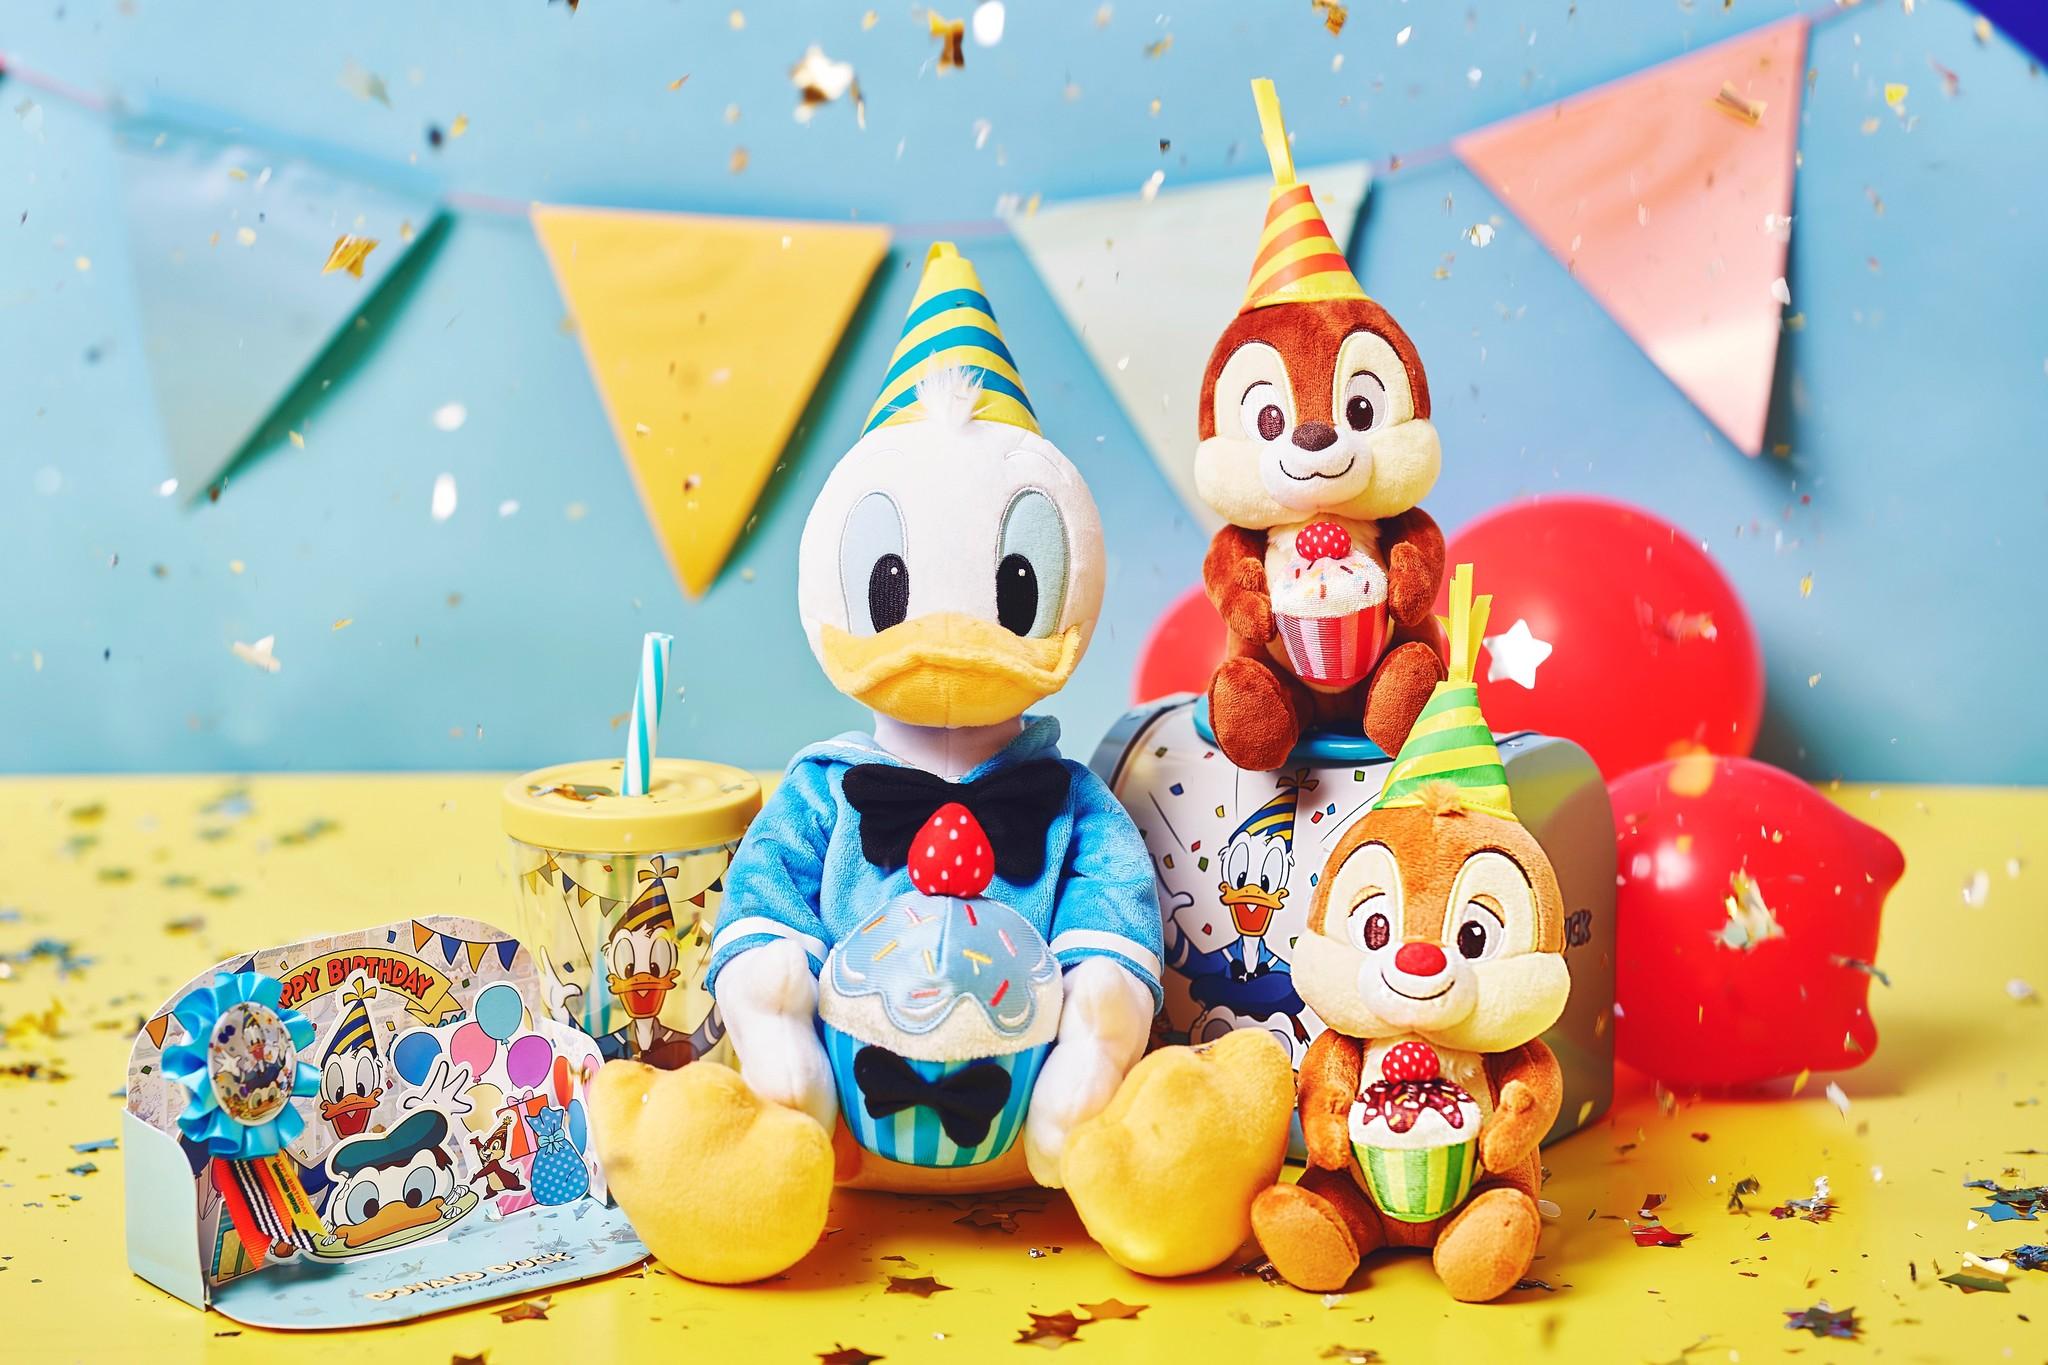 ドナルドダックの誕生日をお祝いするアイテムをshopDisney (ショップディズニー)にて5月29日(金)より先行発売